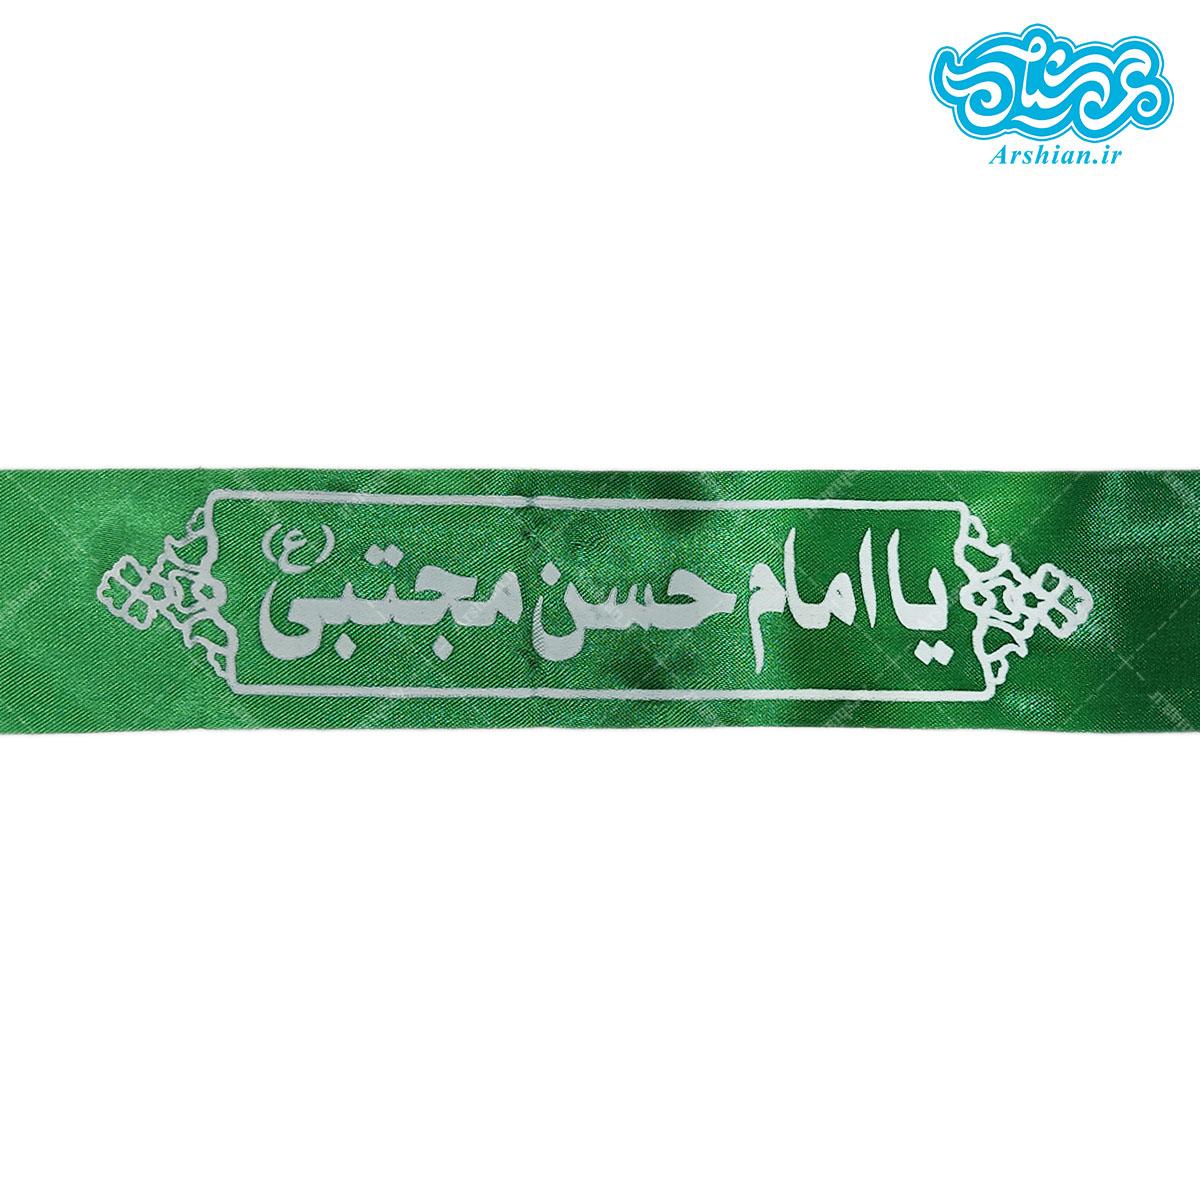 سربند ساتن یاامام حسن مجتبی سبز کد 039